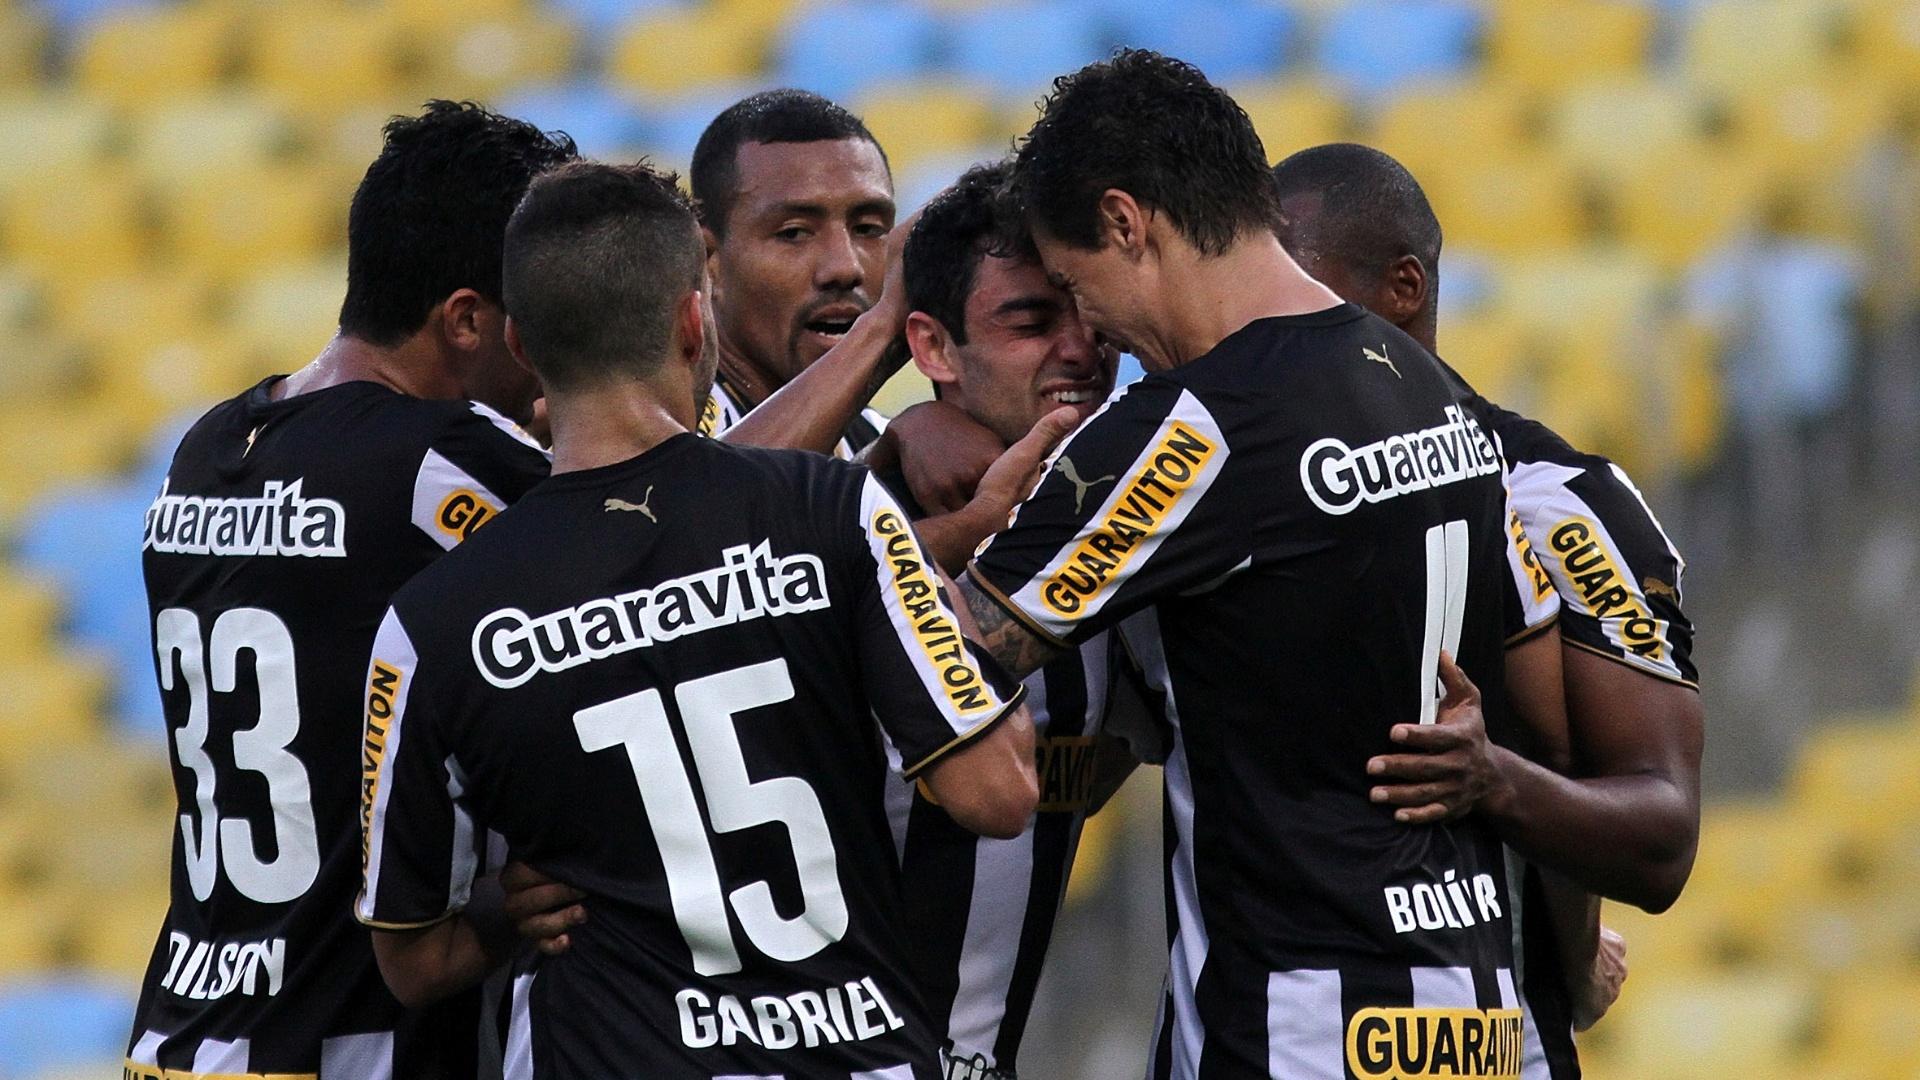 Jogadores do Botafogo abraçam Daniel, autor do gol do Botafogo em partida contra o Santos